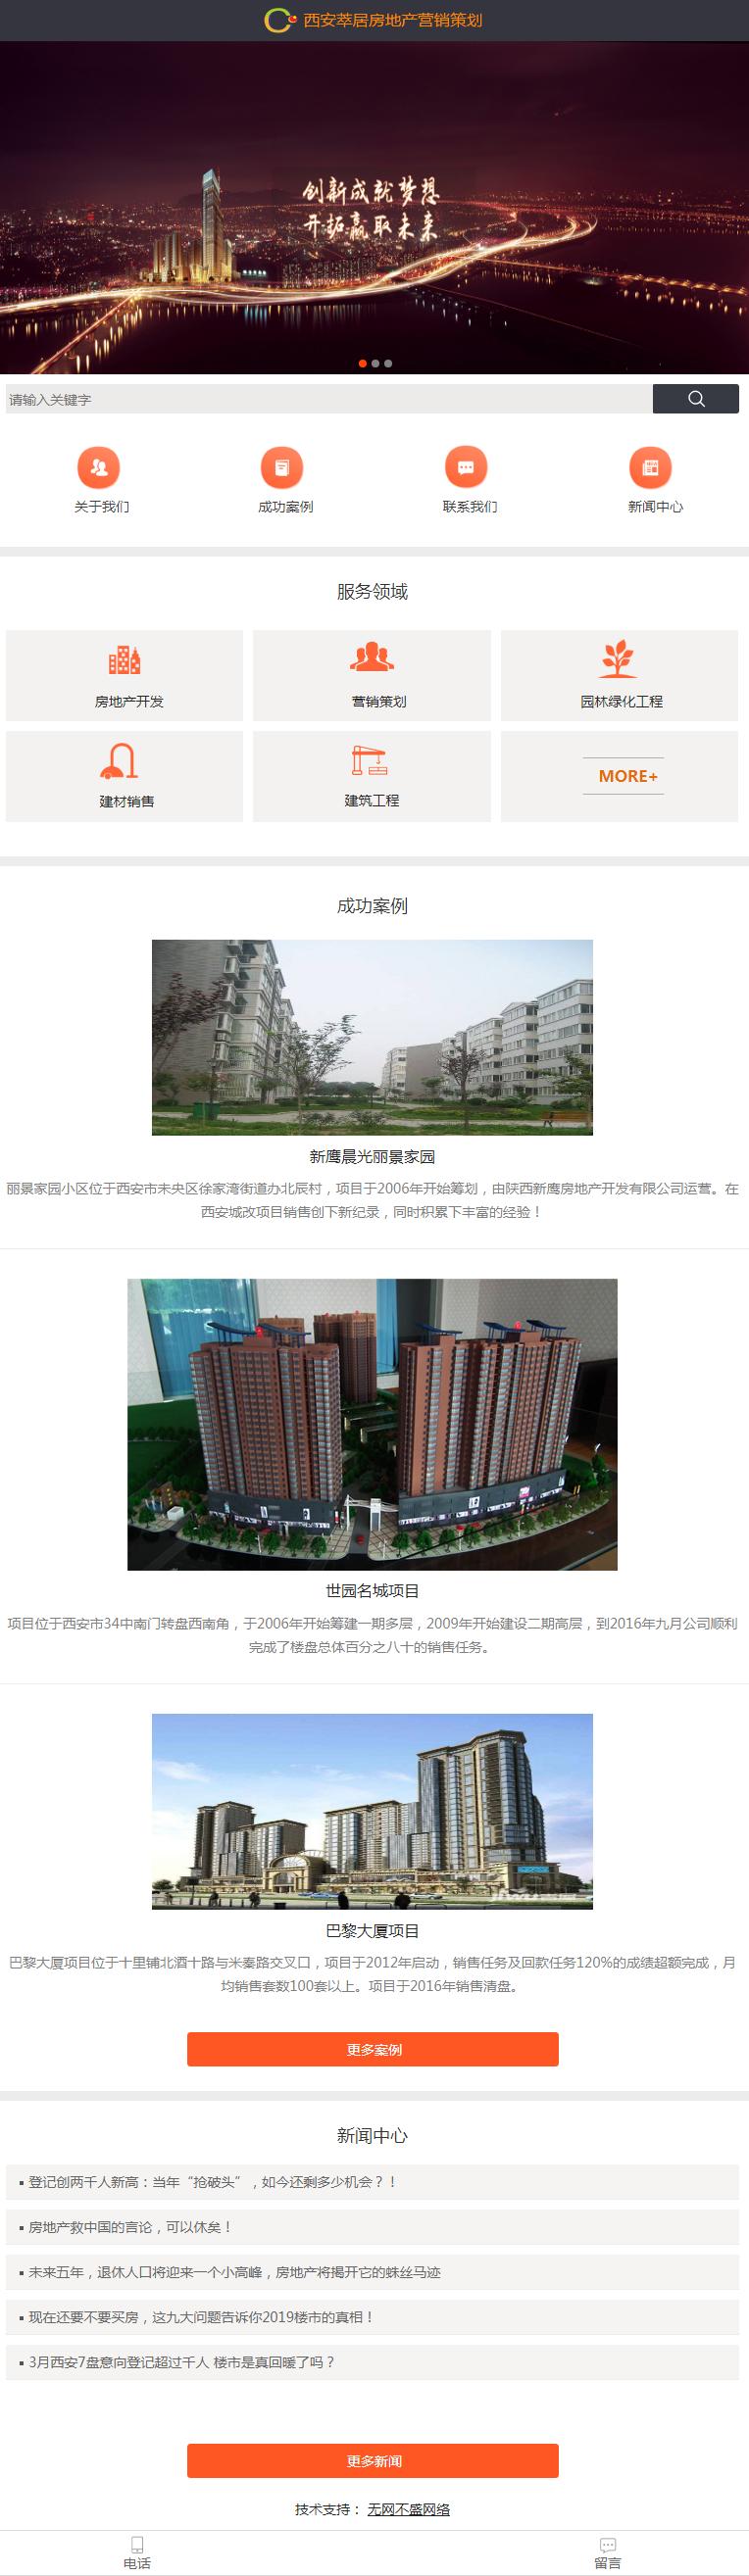 西安萃居房地產營銷策劃有限公司.png